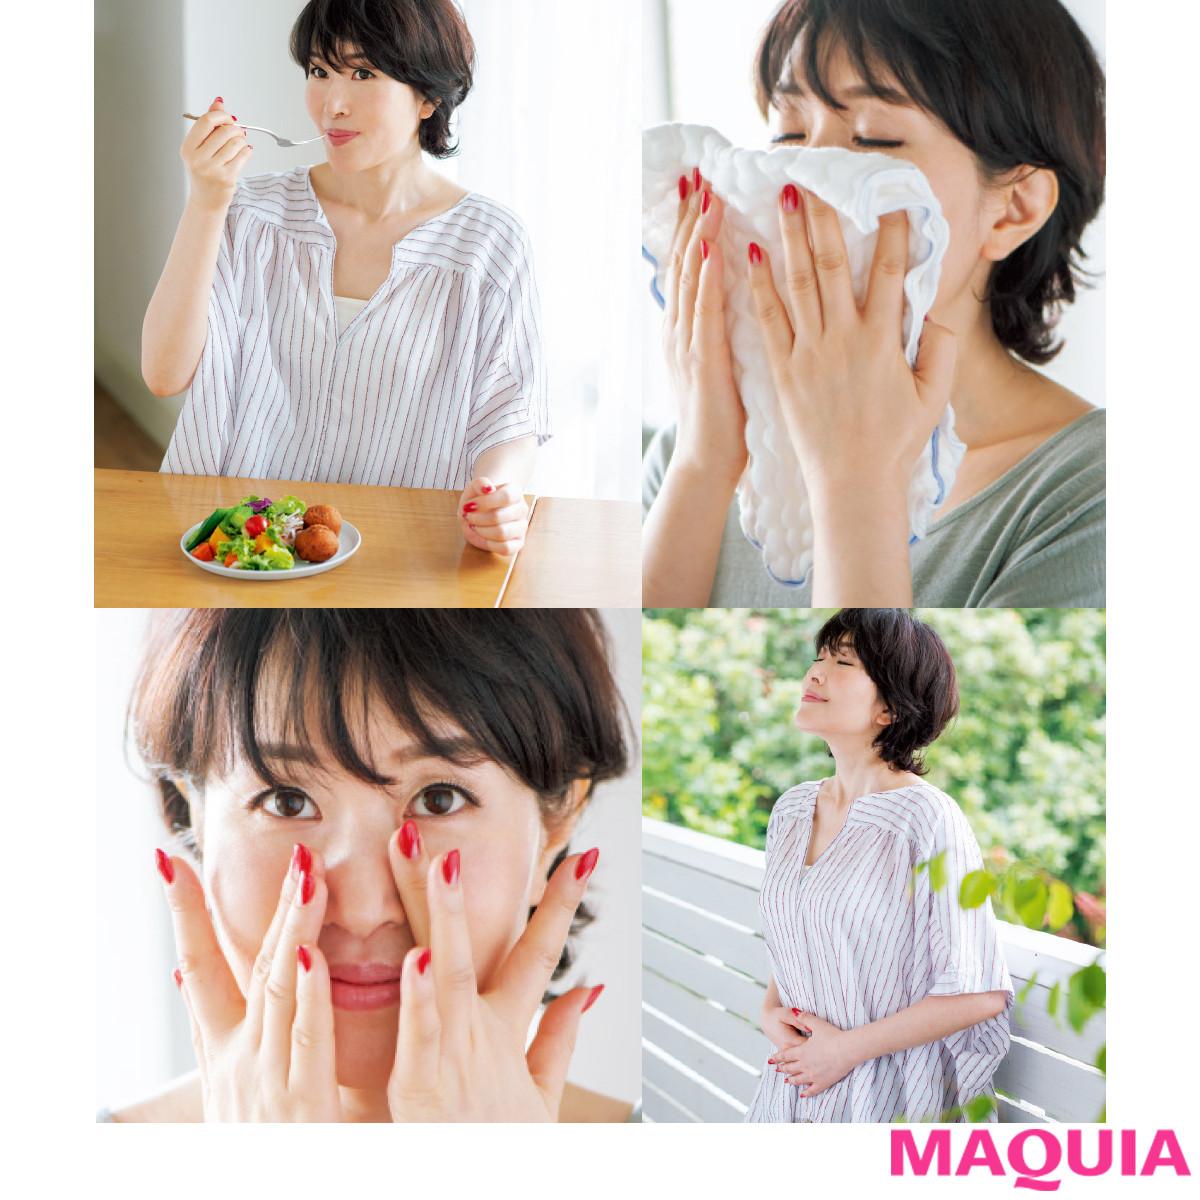 情報がありすぎて美容の迷子に……小林ひろ美さんが「リセット美容」の基本を指南!